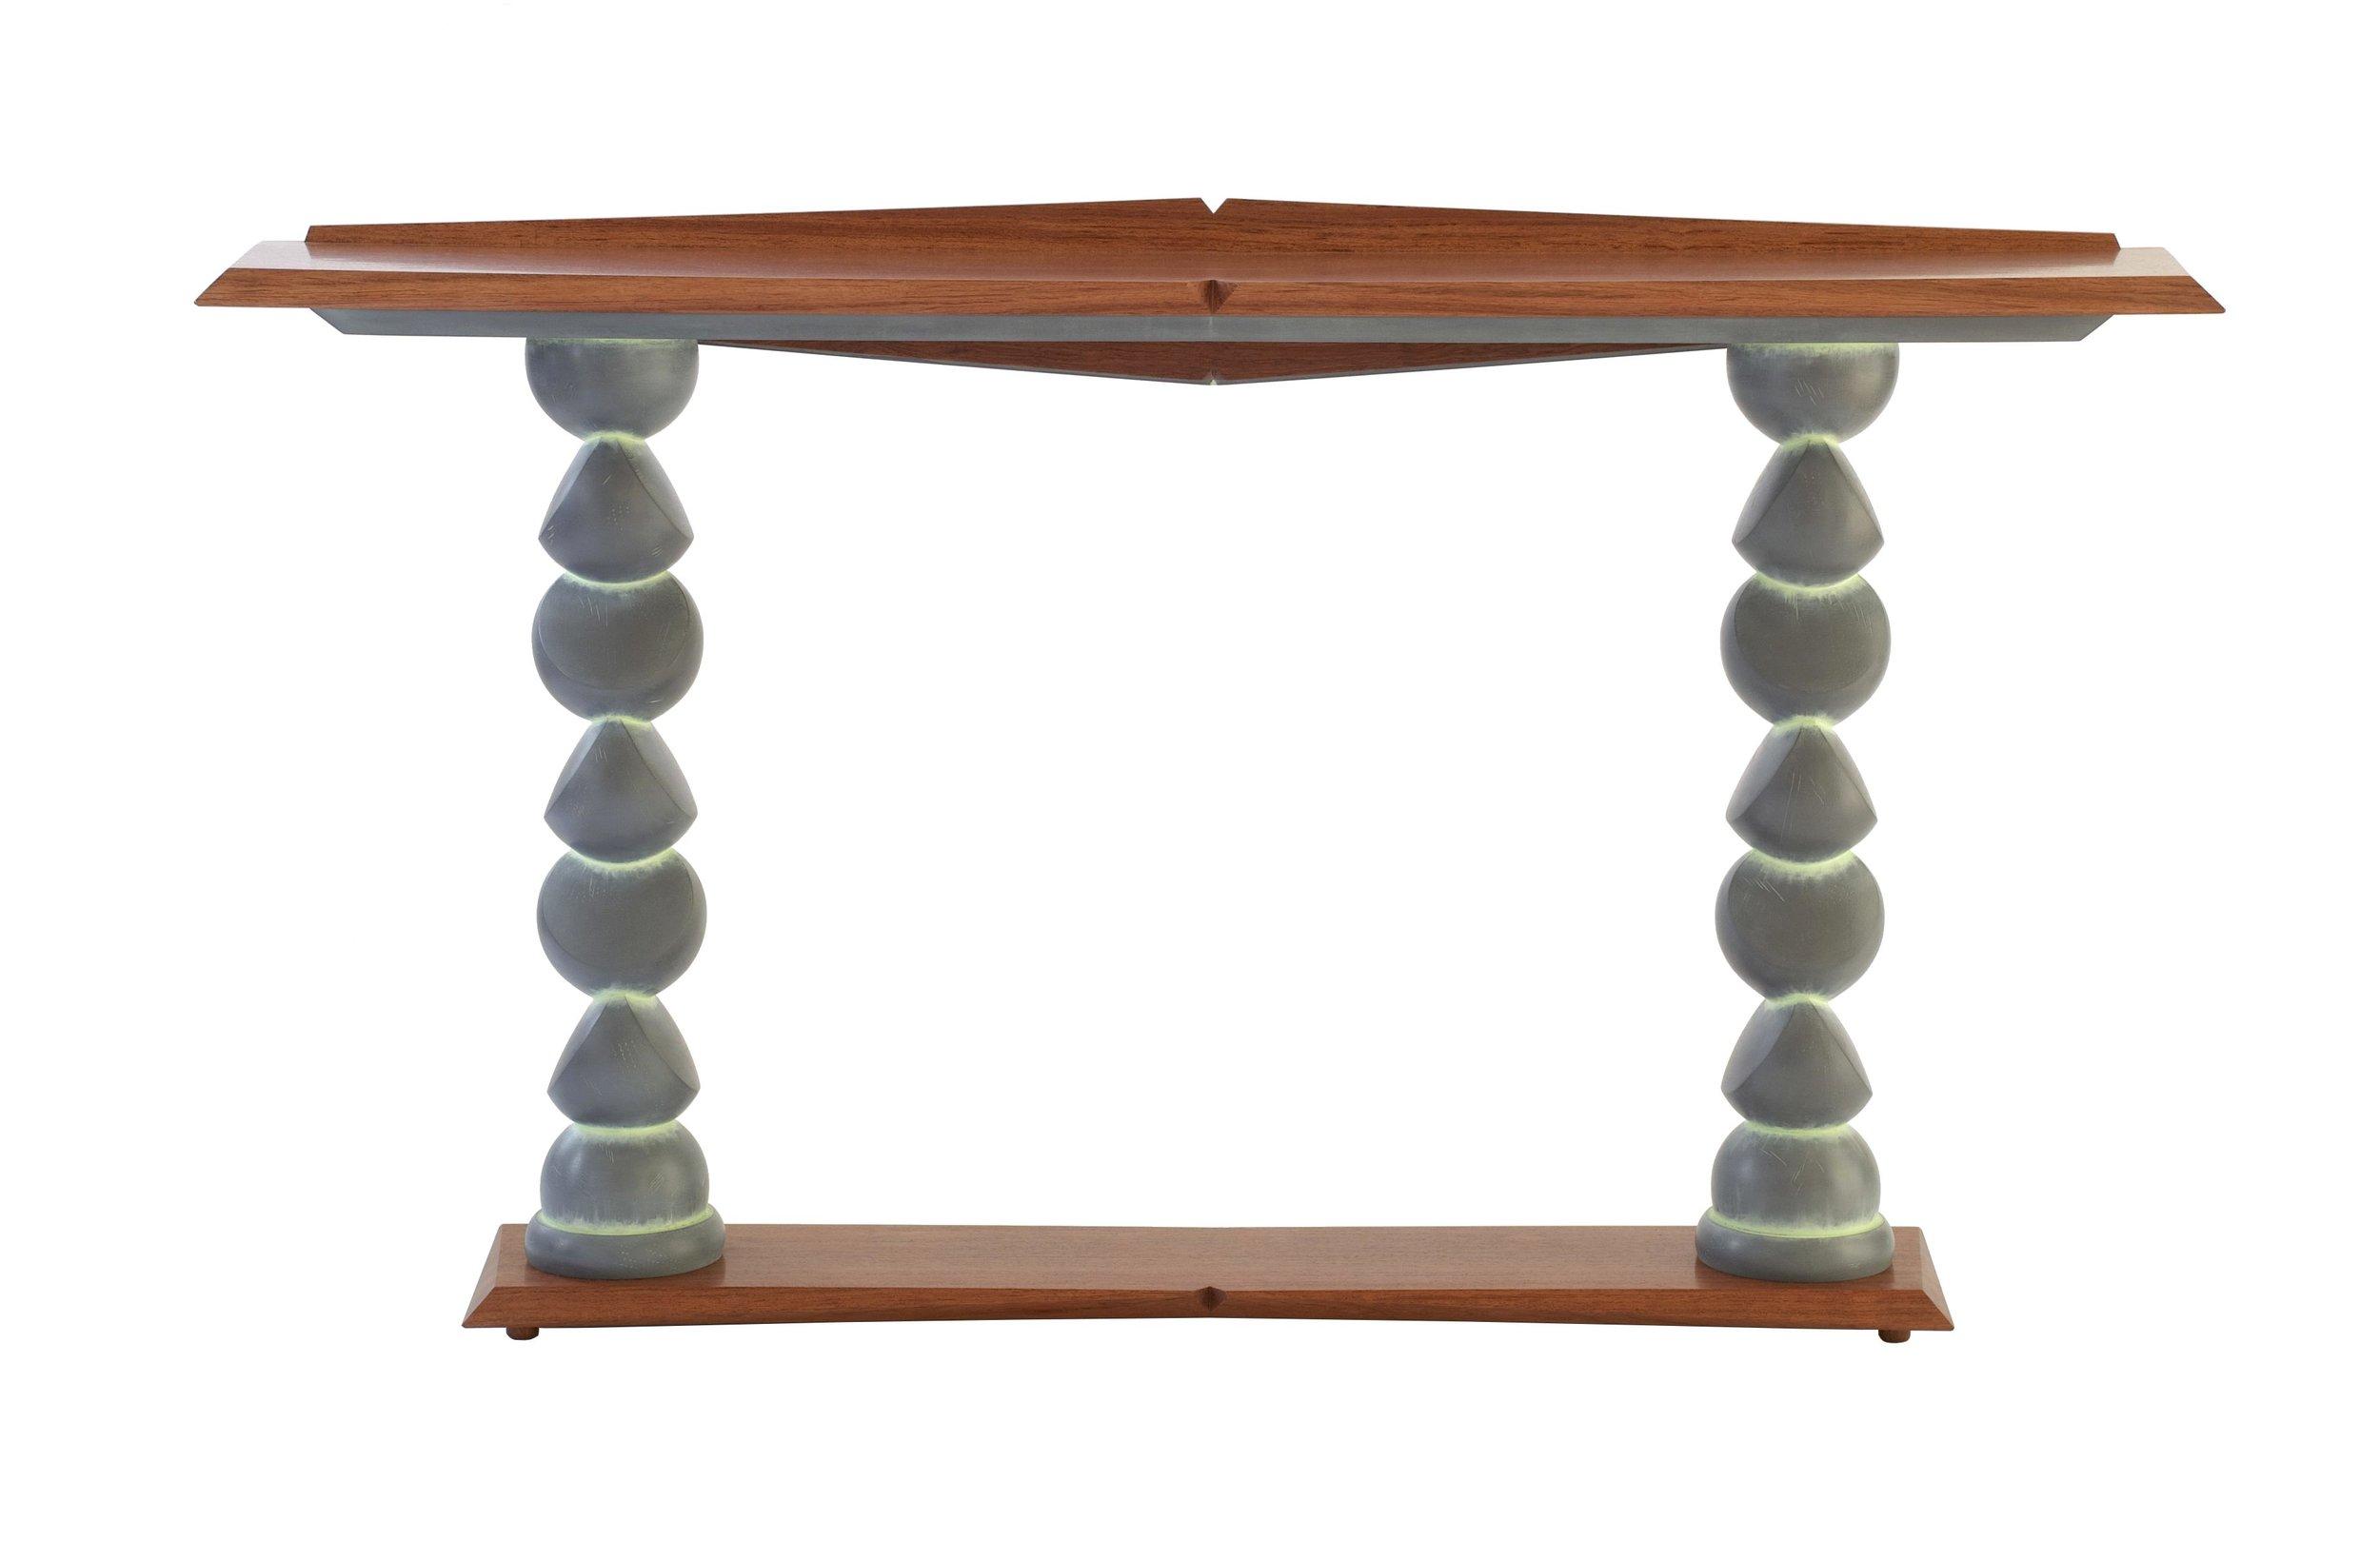 Bresler Foyer Table, 2013